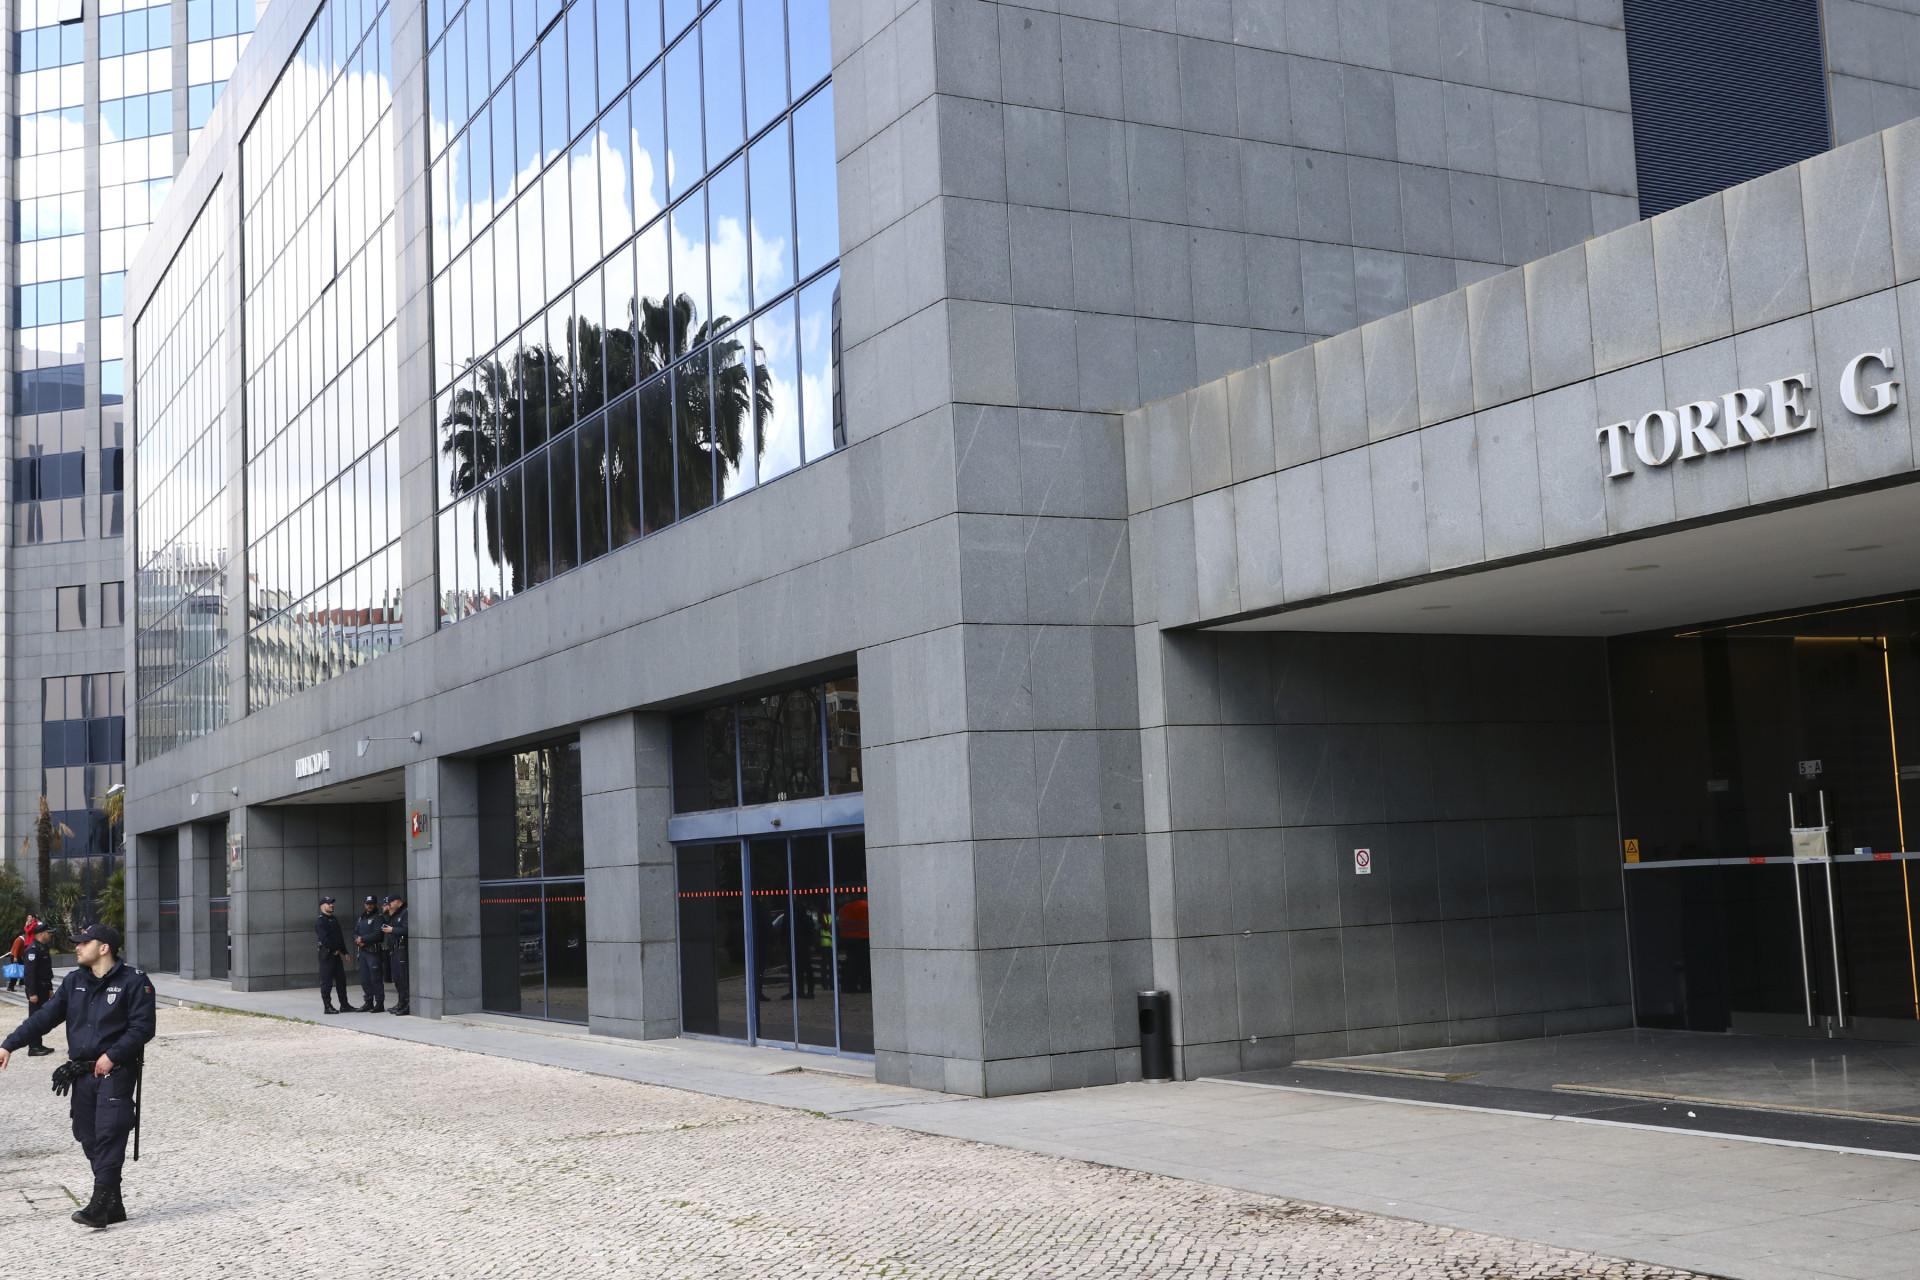 Ameaça de bomba: Todas as dependências do BPI em Lisboa evacuadas